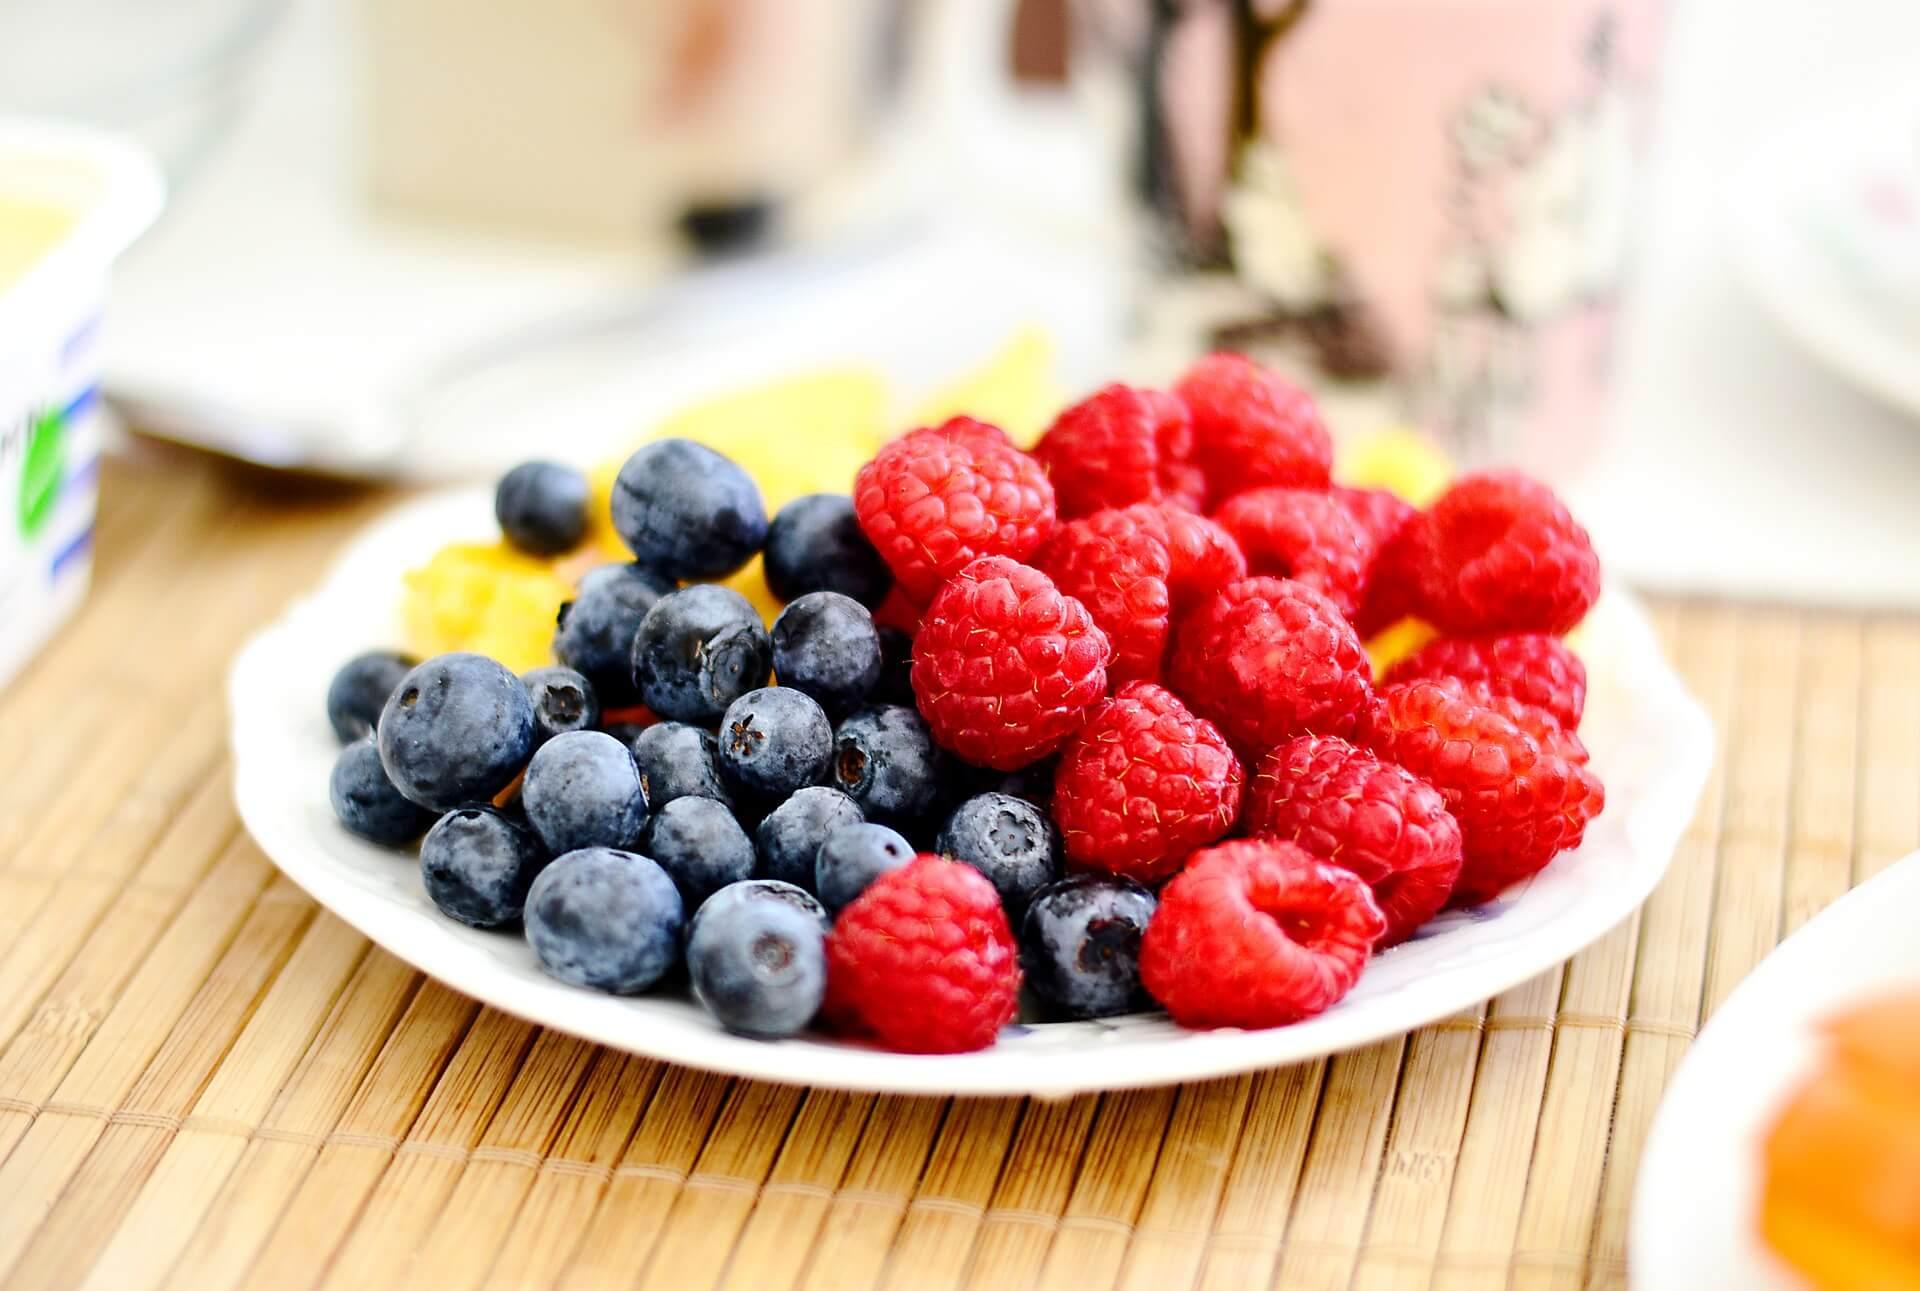 dicas práticas para perder peso - prato